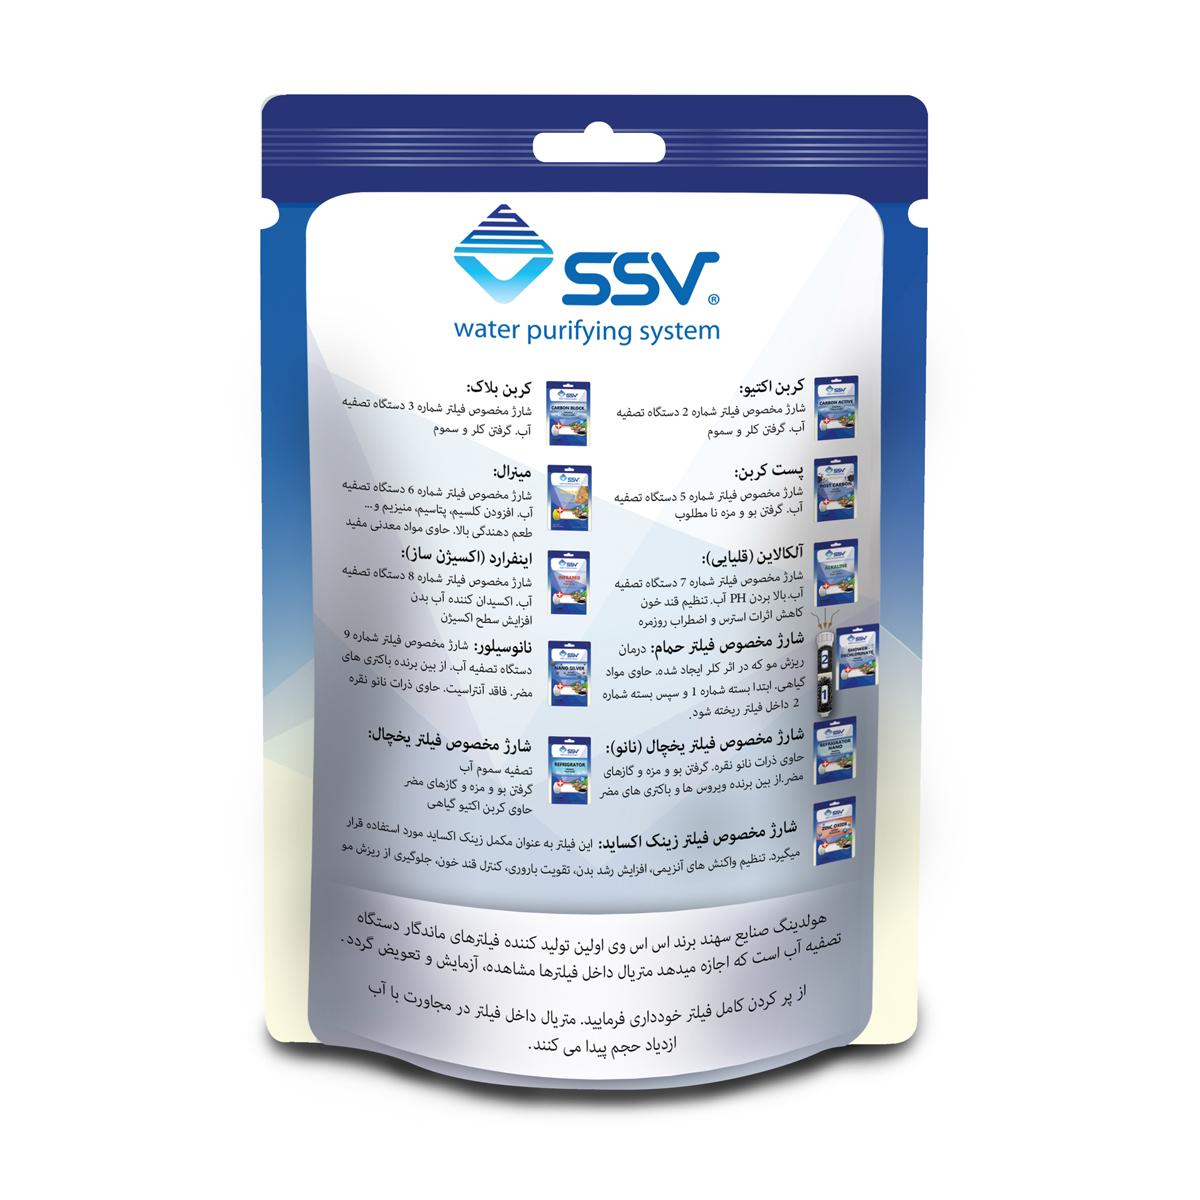 فیلتر تصفیه کننده آب دوش حمام اس اس وی مدل Dechlorinate به همراه شارژ یدک کد 001 وزن 140 گرم مجموعه 2 عددی